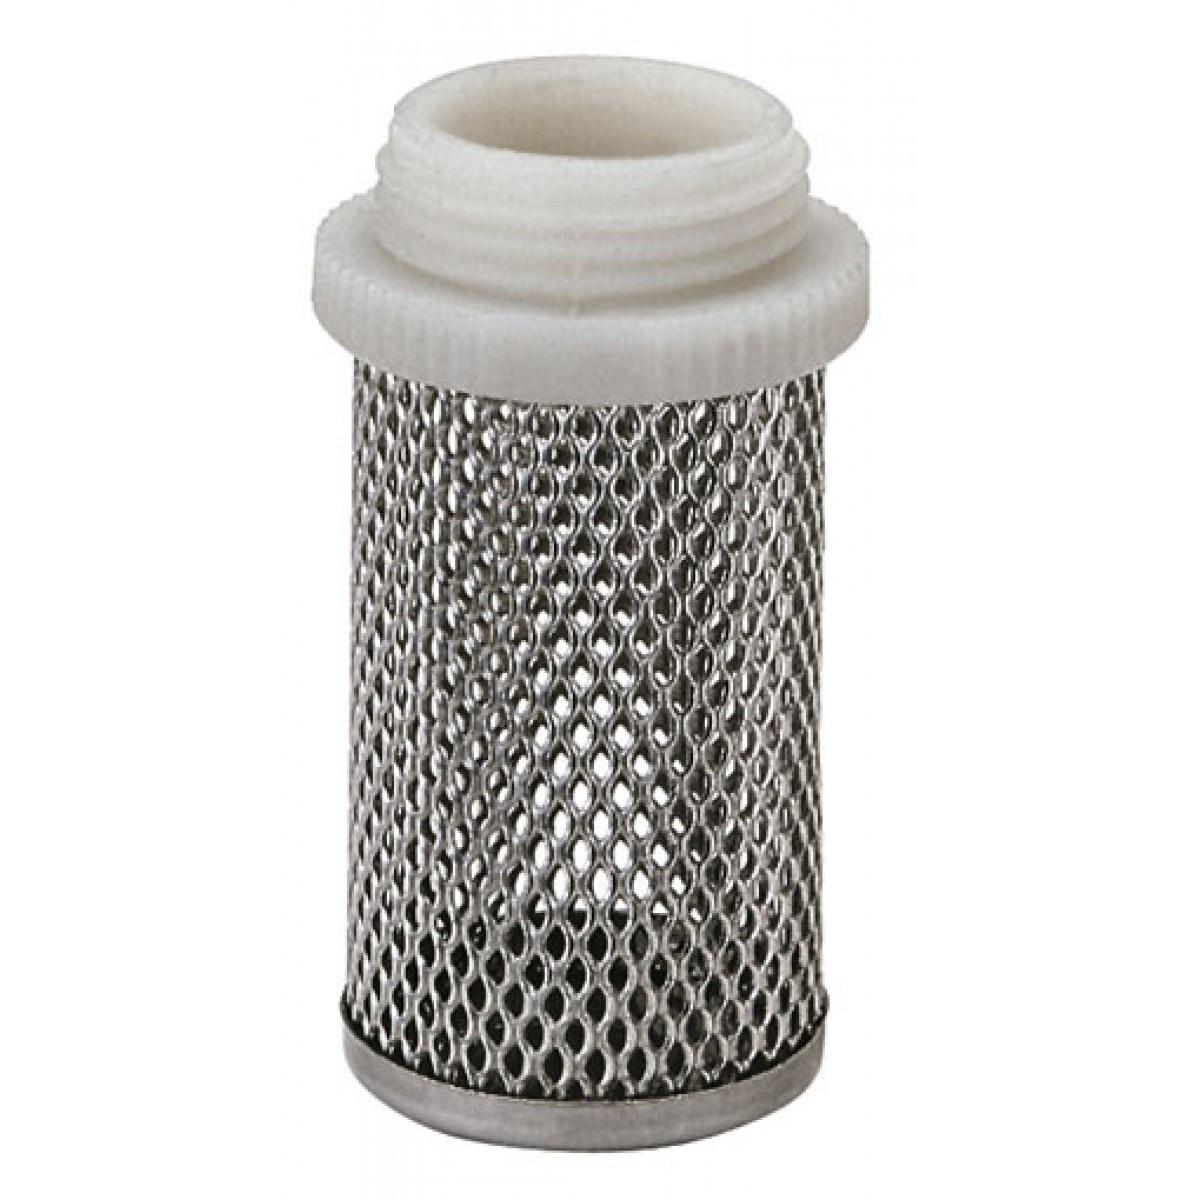 Фильтр сетка для обратного клапана EUROPA, YORK, BLOCK, ROMA D2